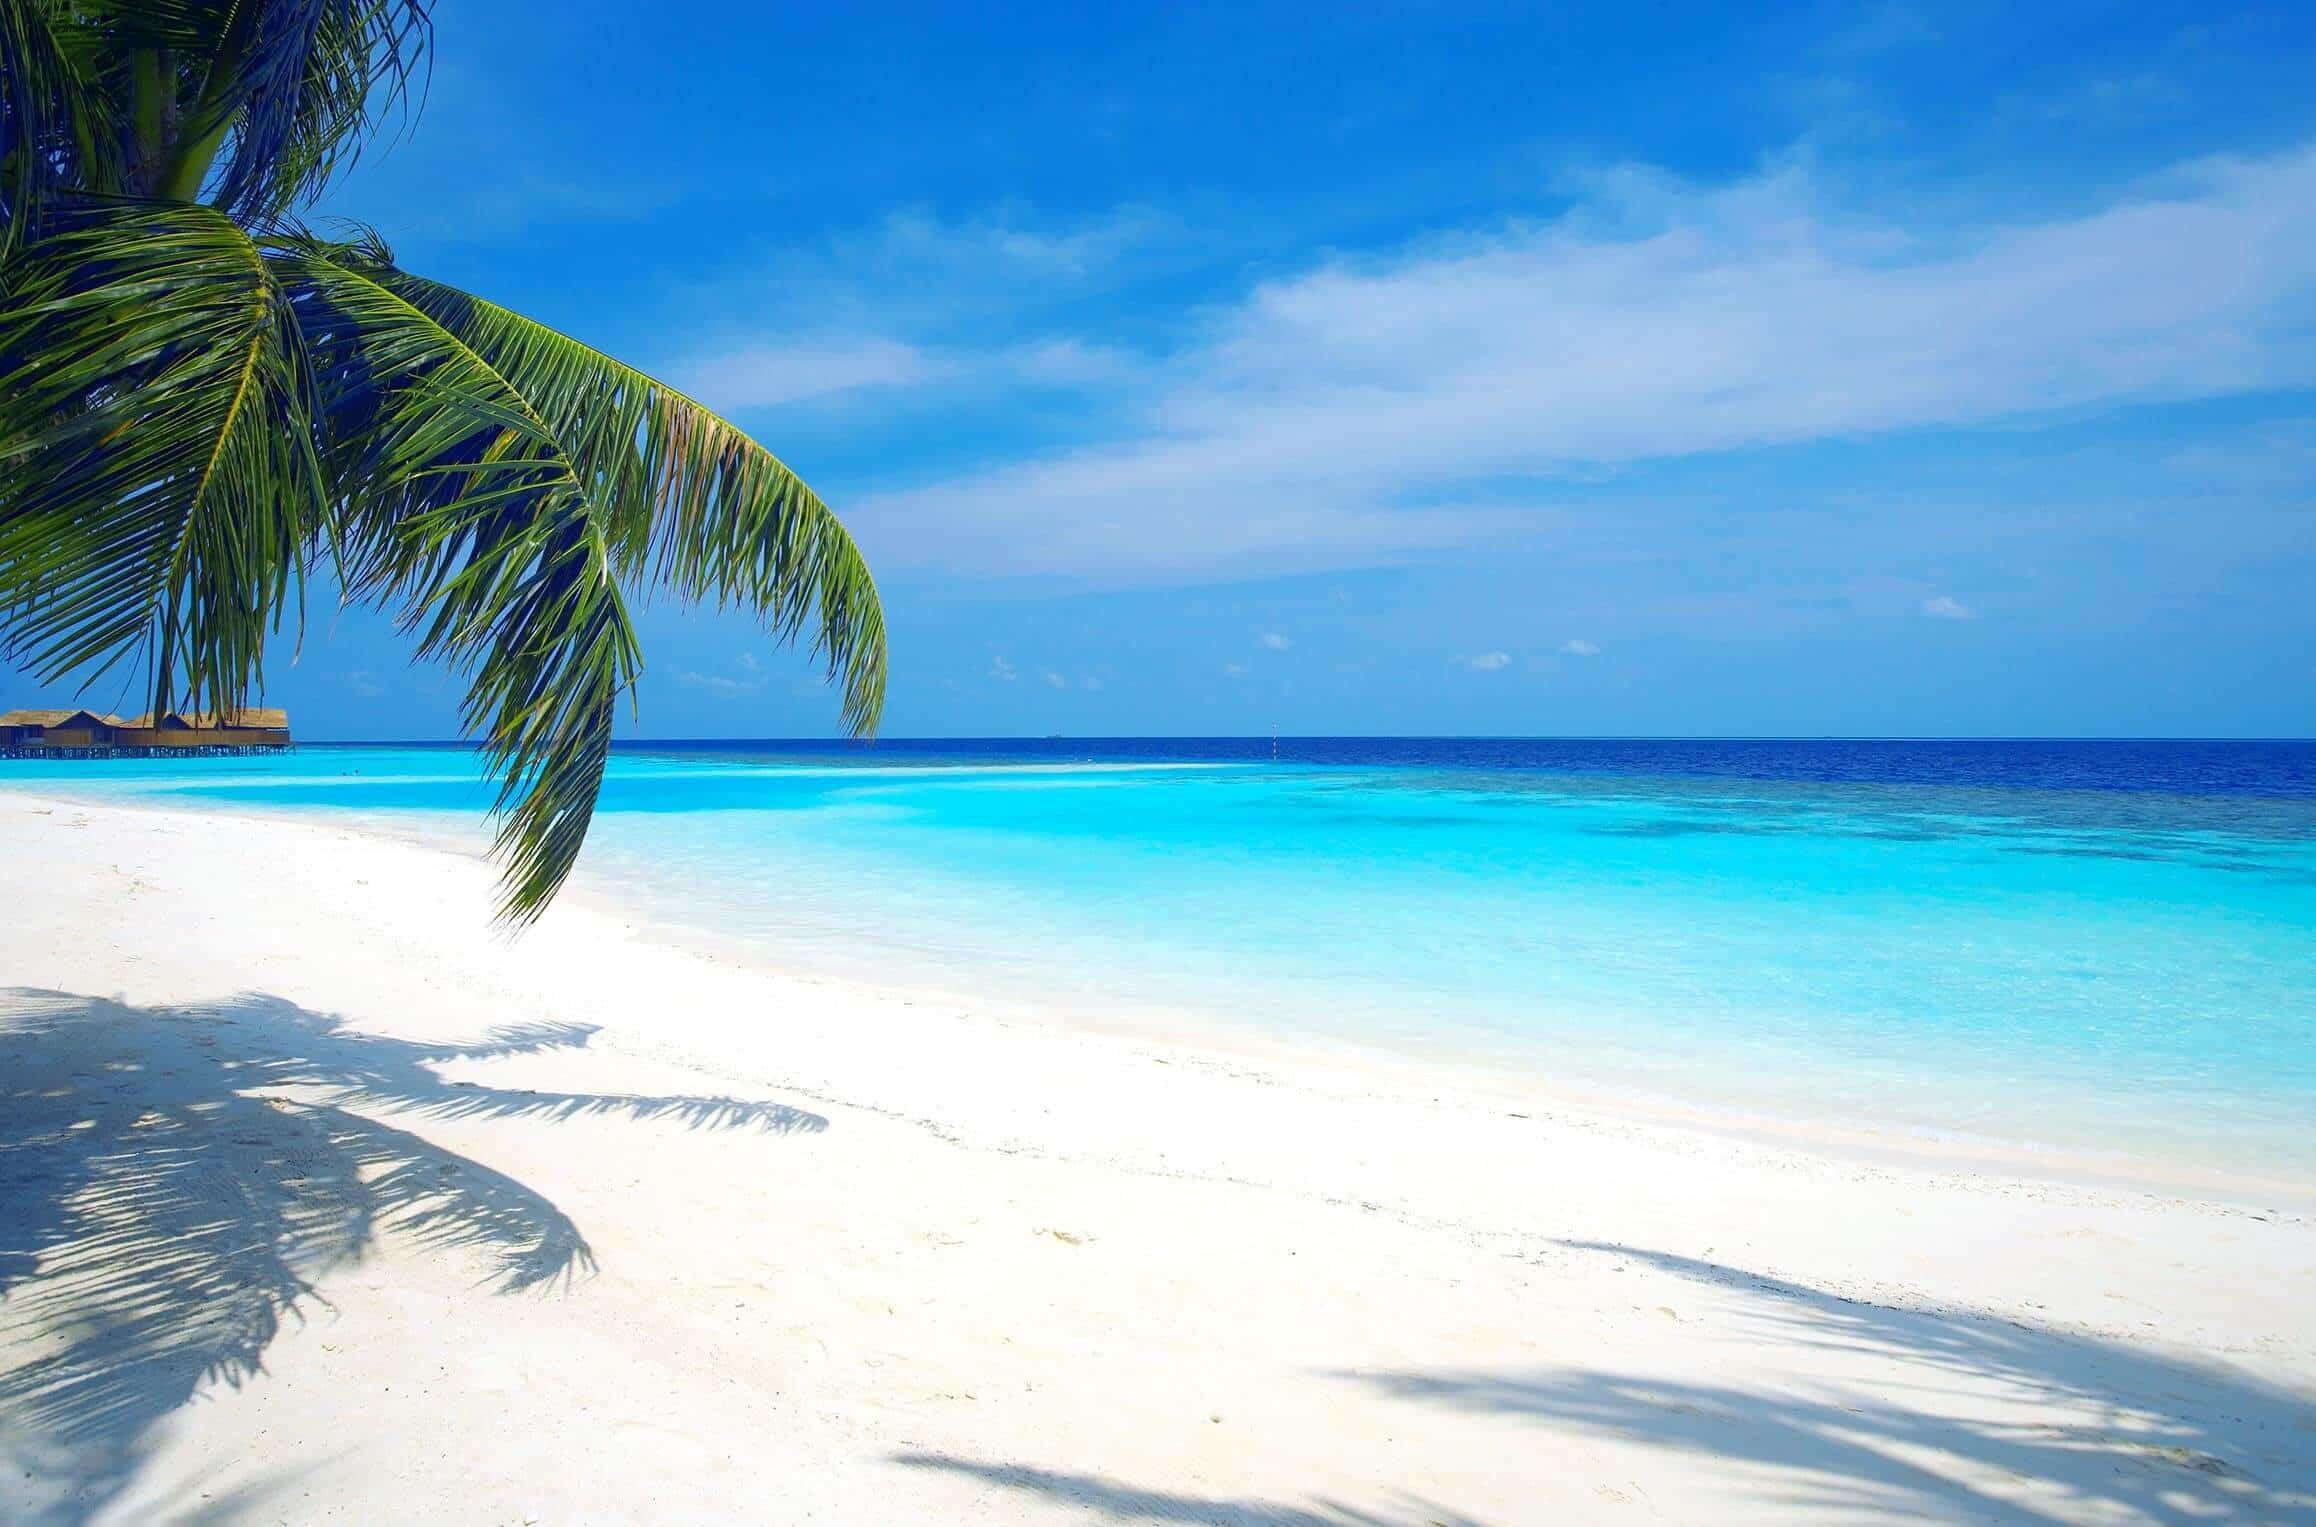 Sfondi Maldive (56+ Immagini